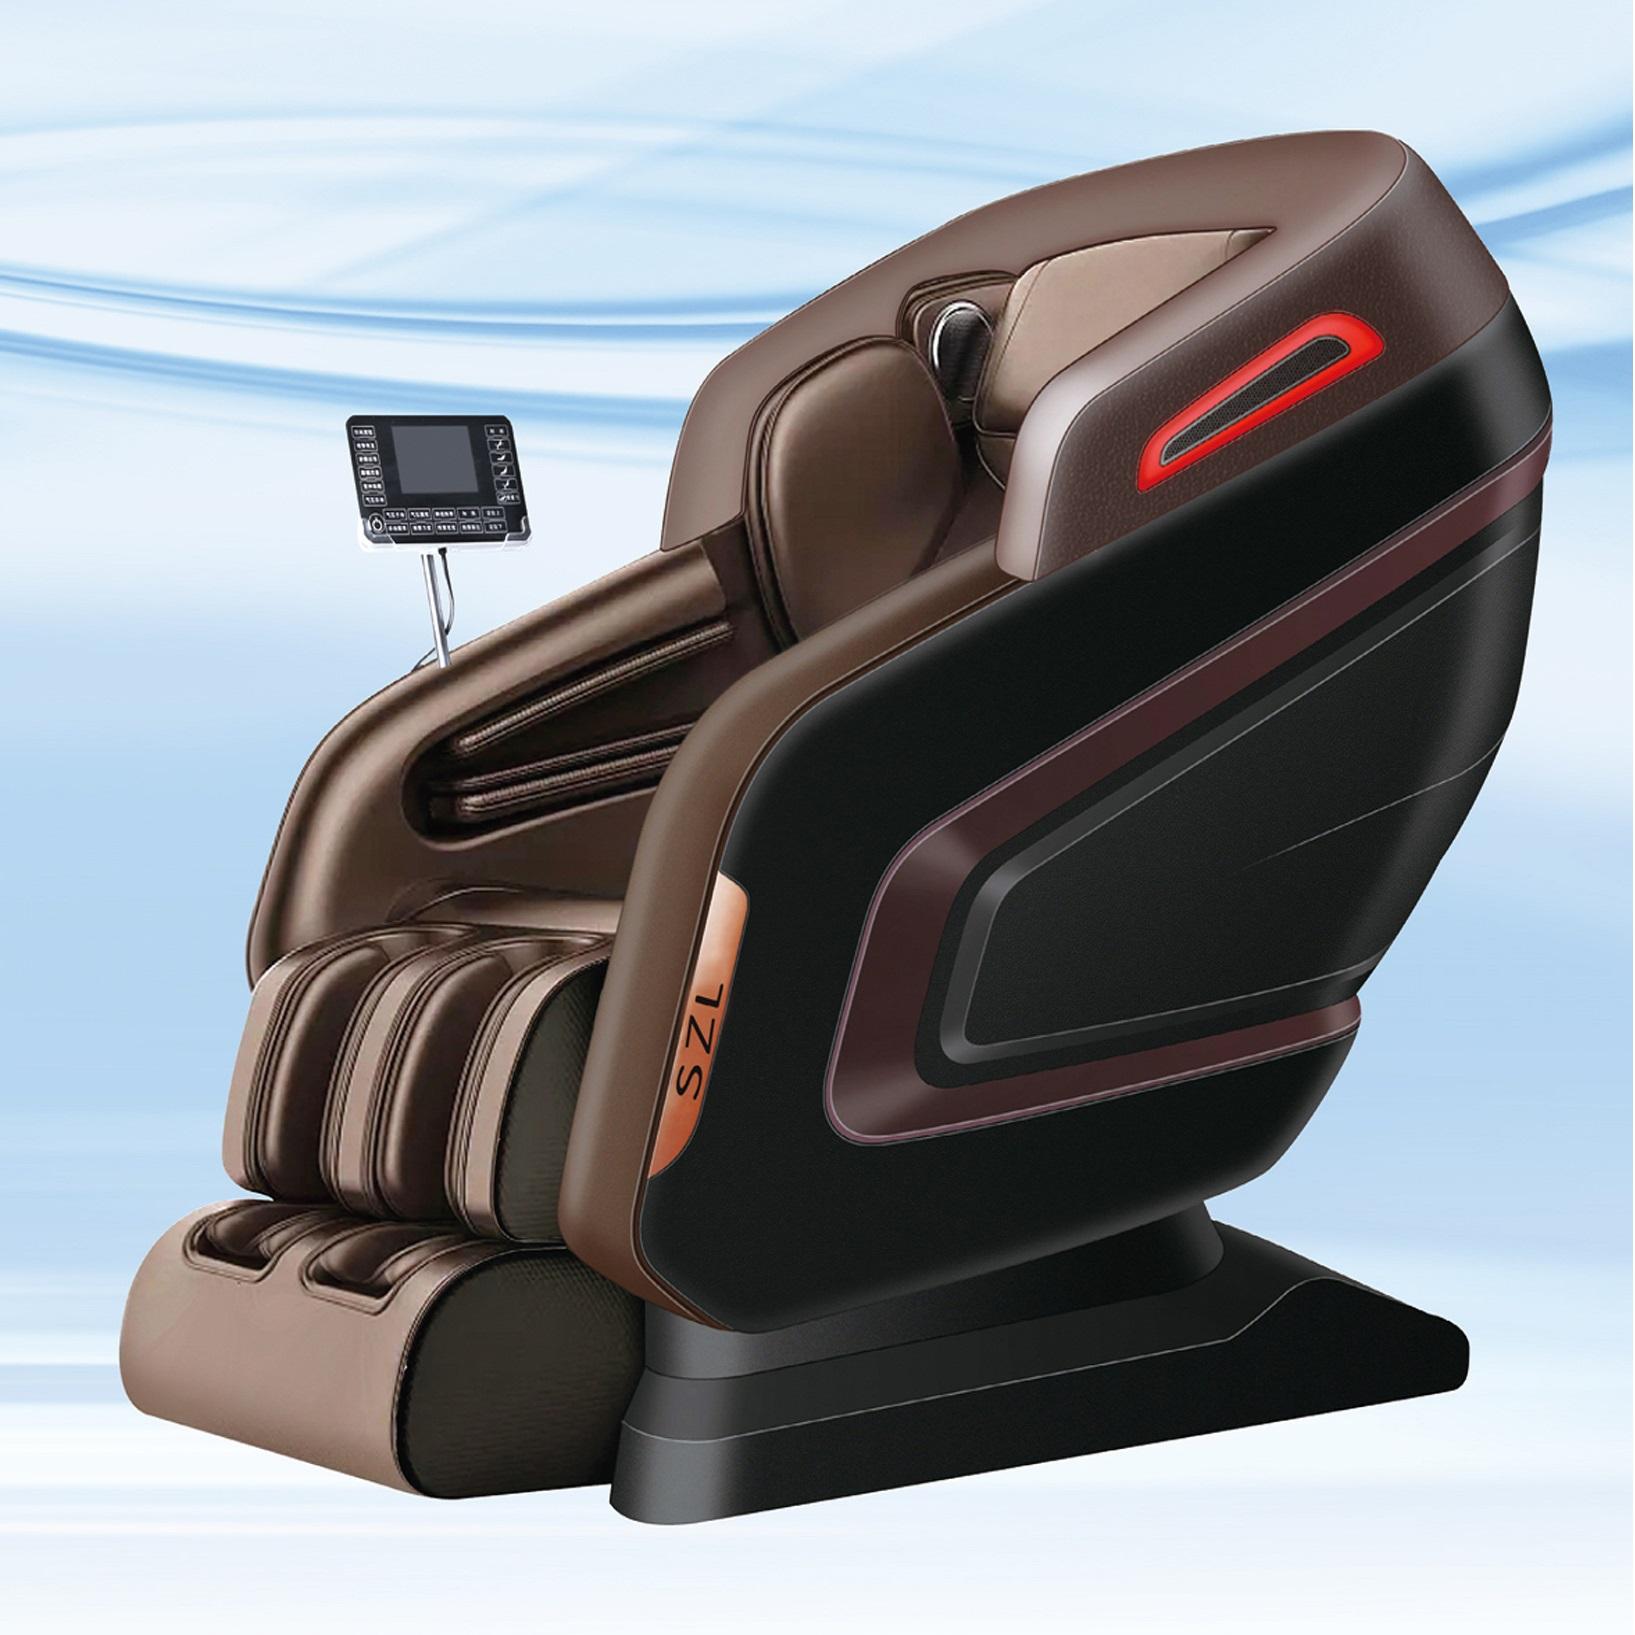 按摩椅-民用按摩椅,广东按摩椅SZL-A8